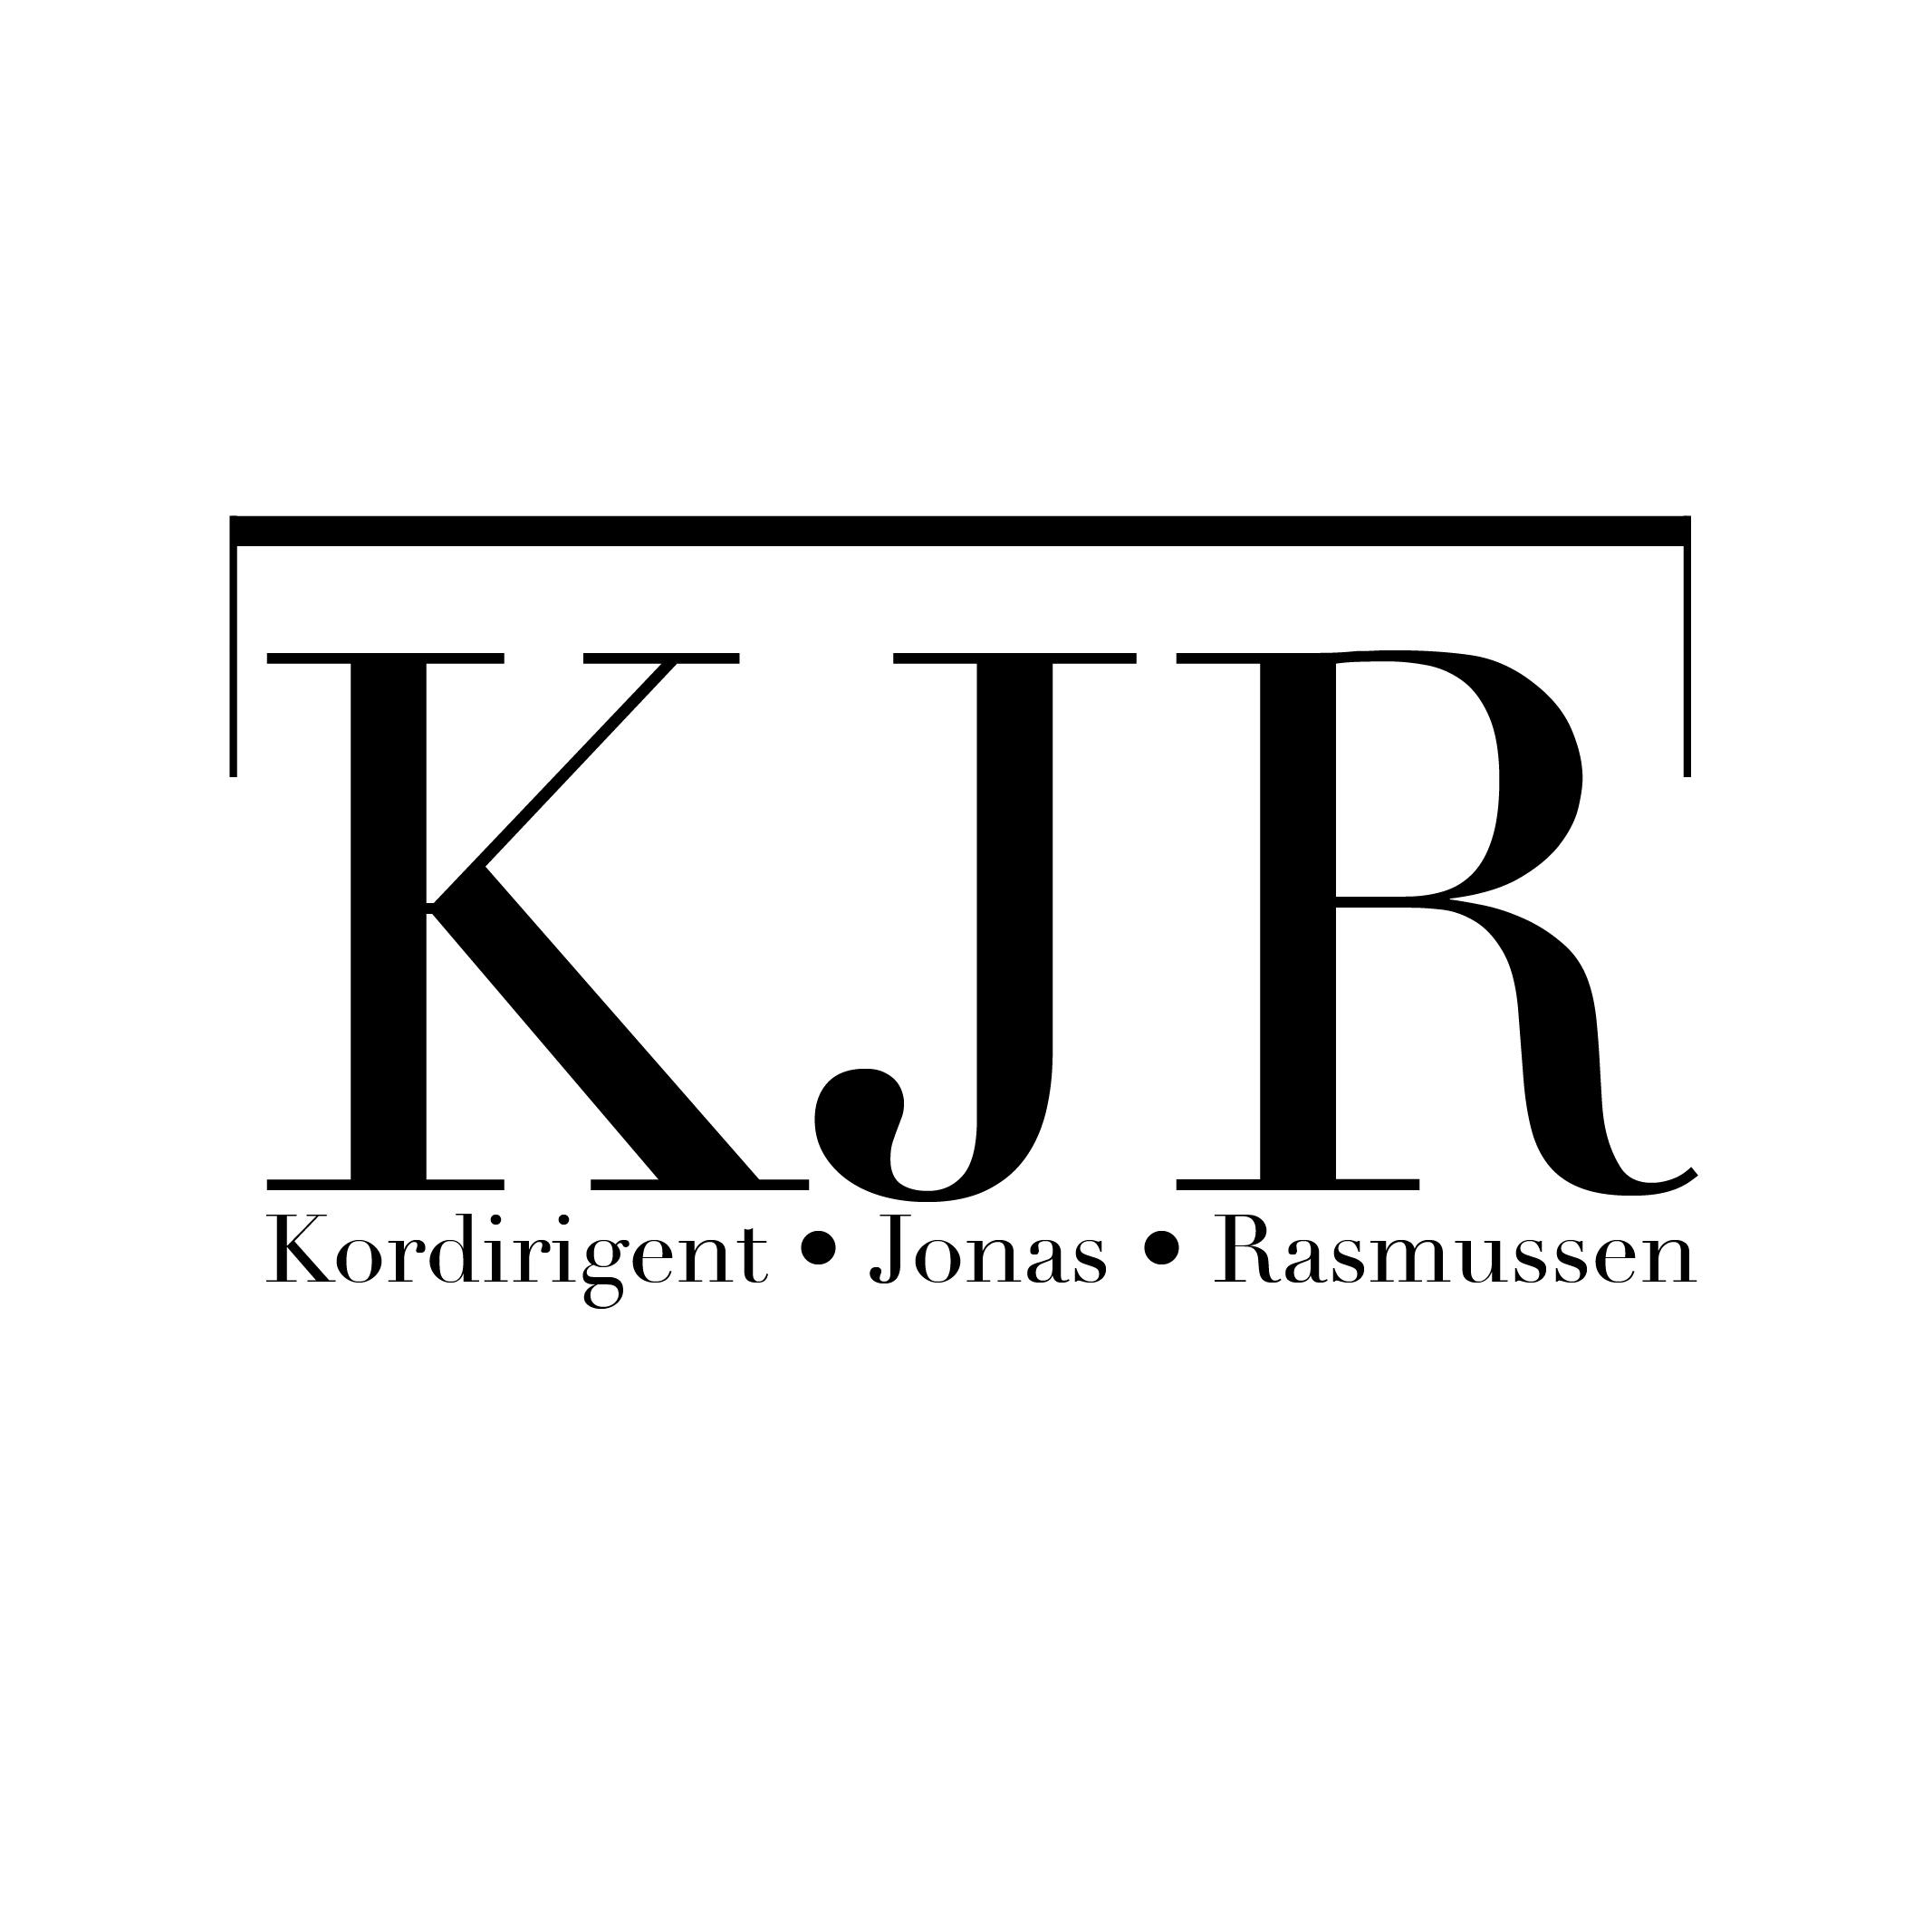 Kordirigent Jonas Rasmussen